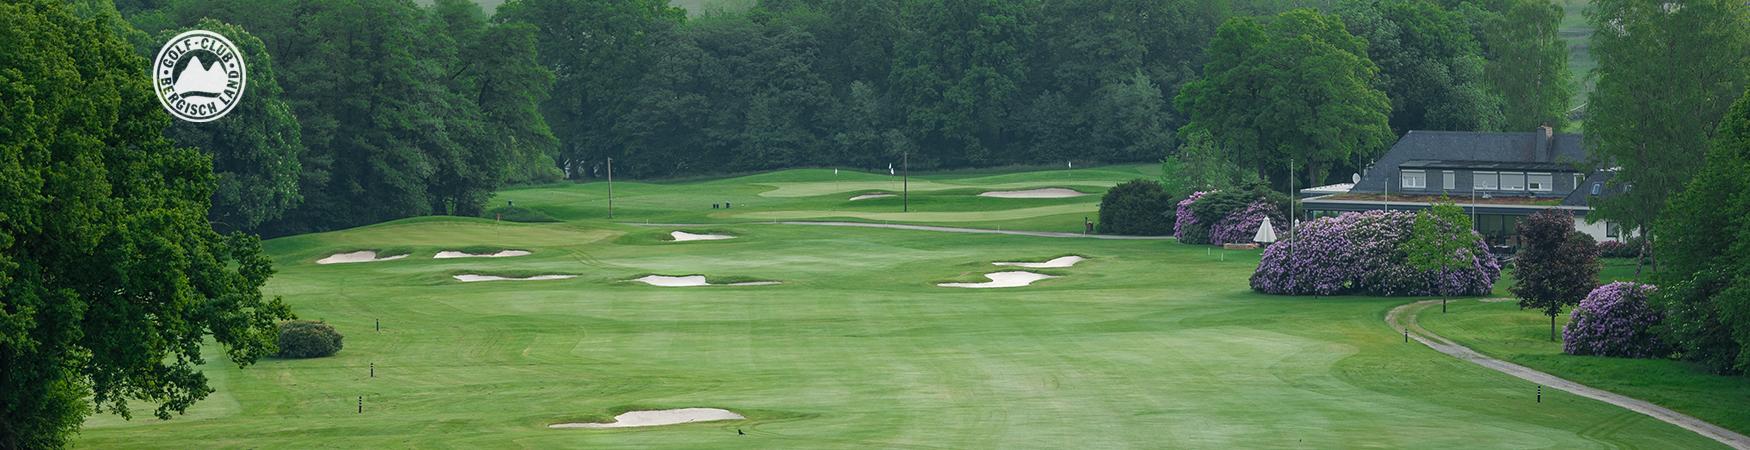 Golfplatz und Turnier